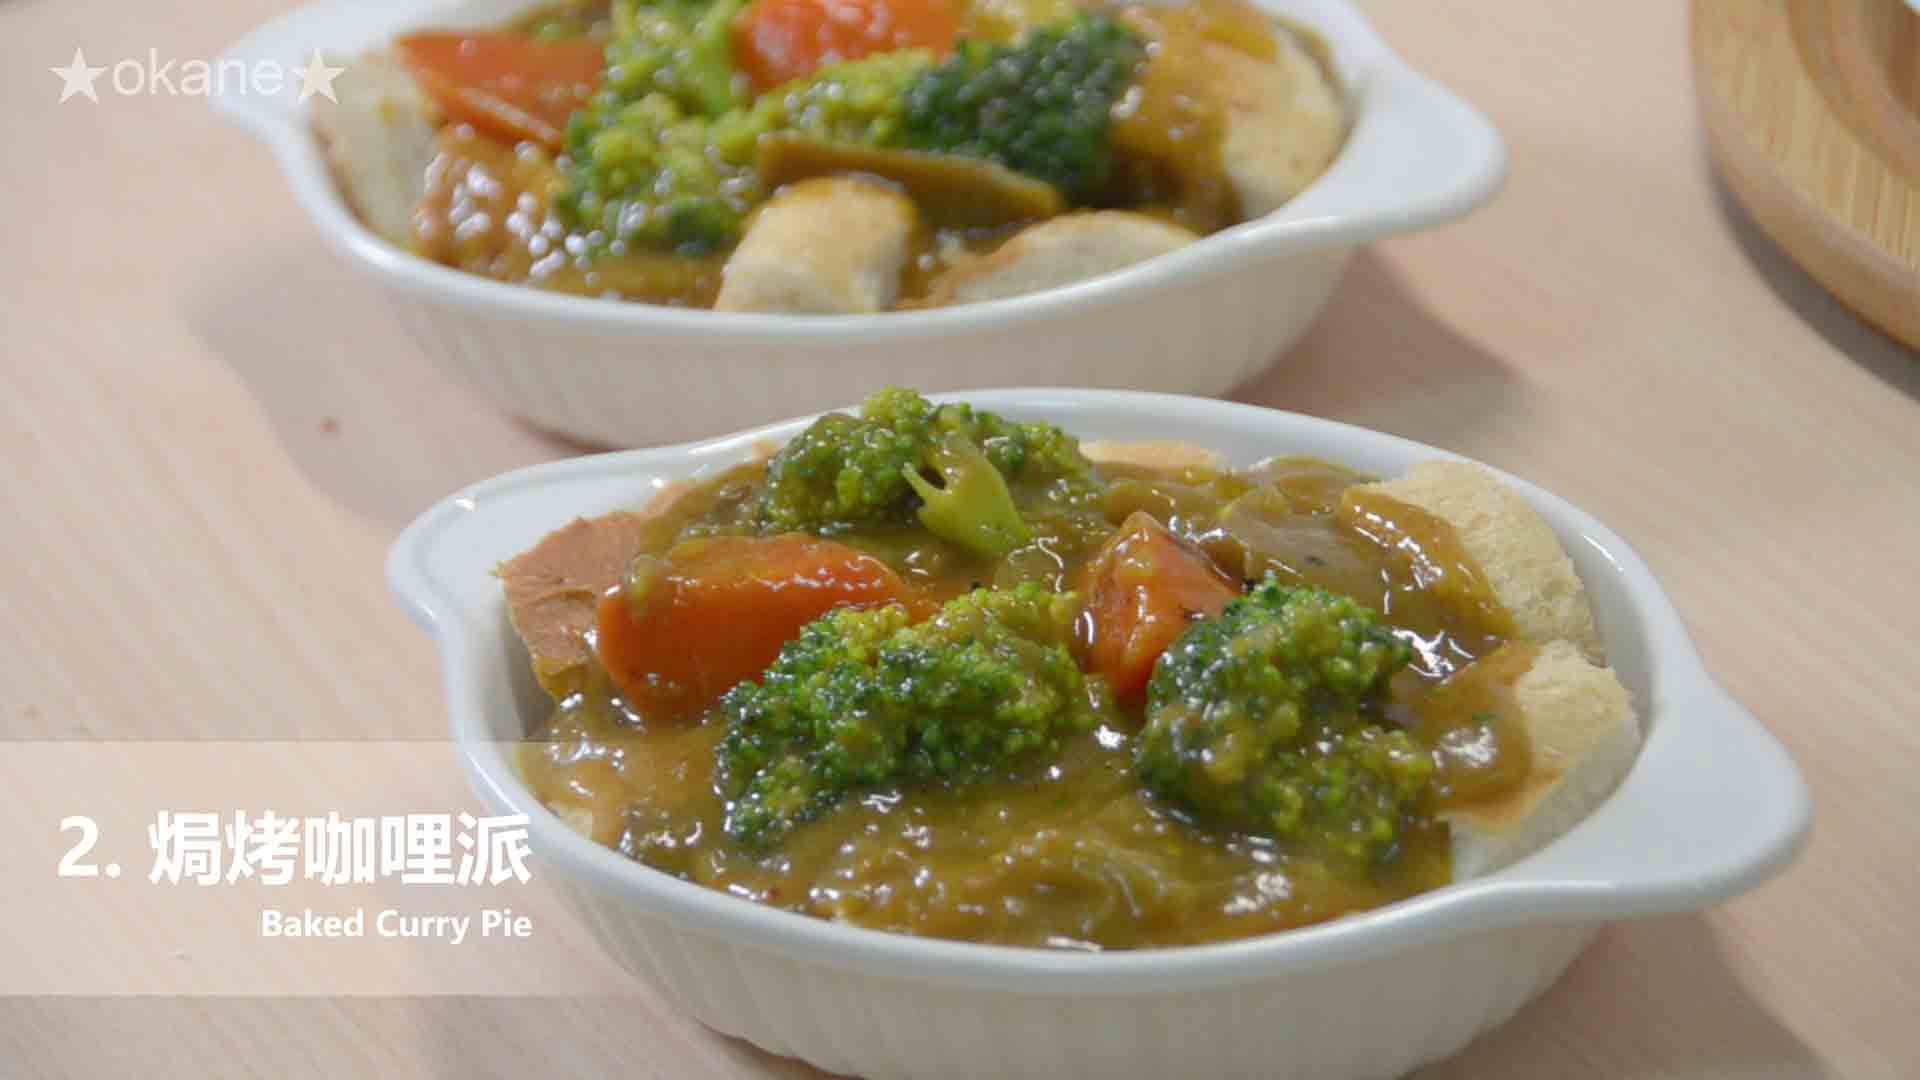 日系S&B金牌(純素)咖哩✨跨界蔬食的美味驚艷的第 28 張圖片